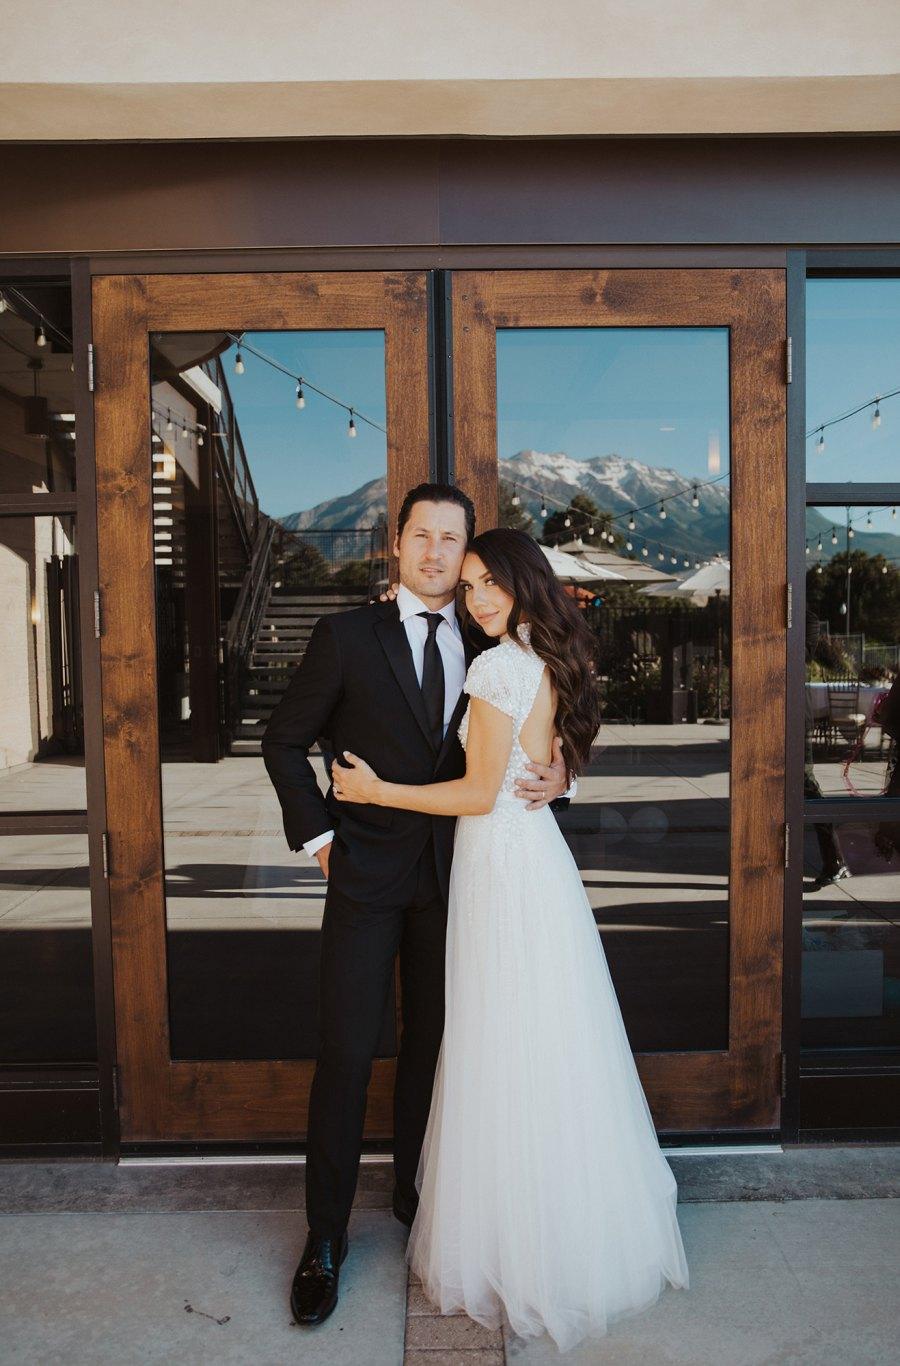 Val Chmerkovskiy and Jenna Johnson Second Wedding Celebration